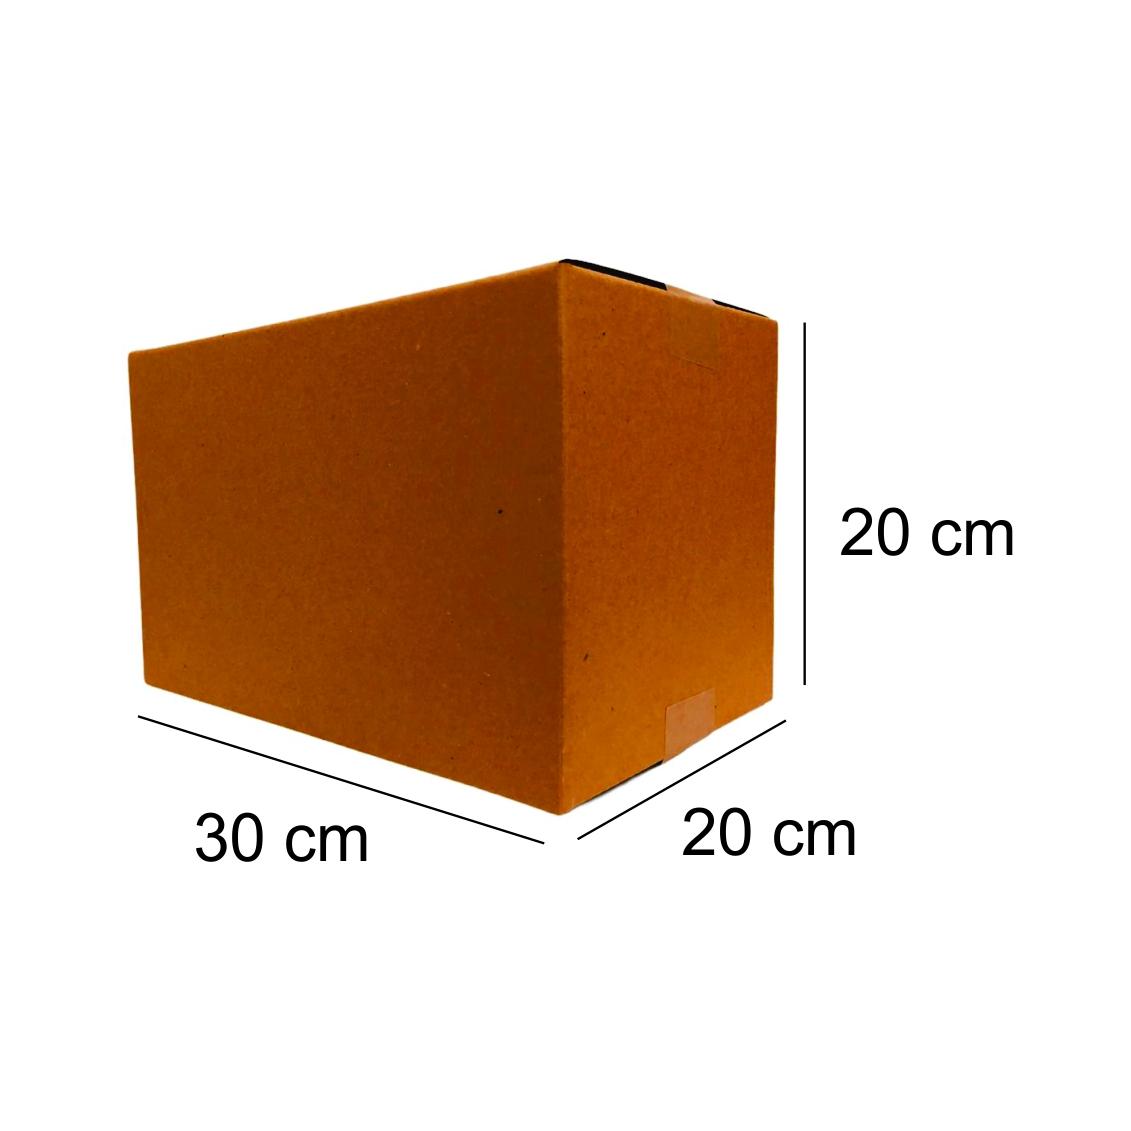 25 Caixas de Papelao (30X20X20)cm - Sedex / Pac / Correios